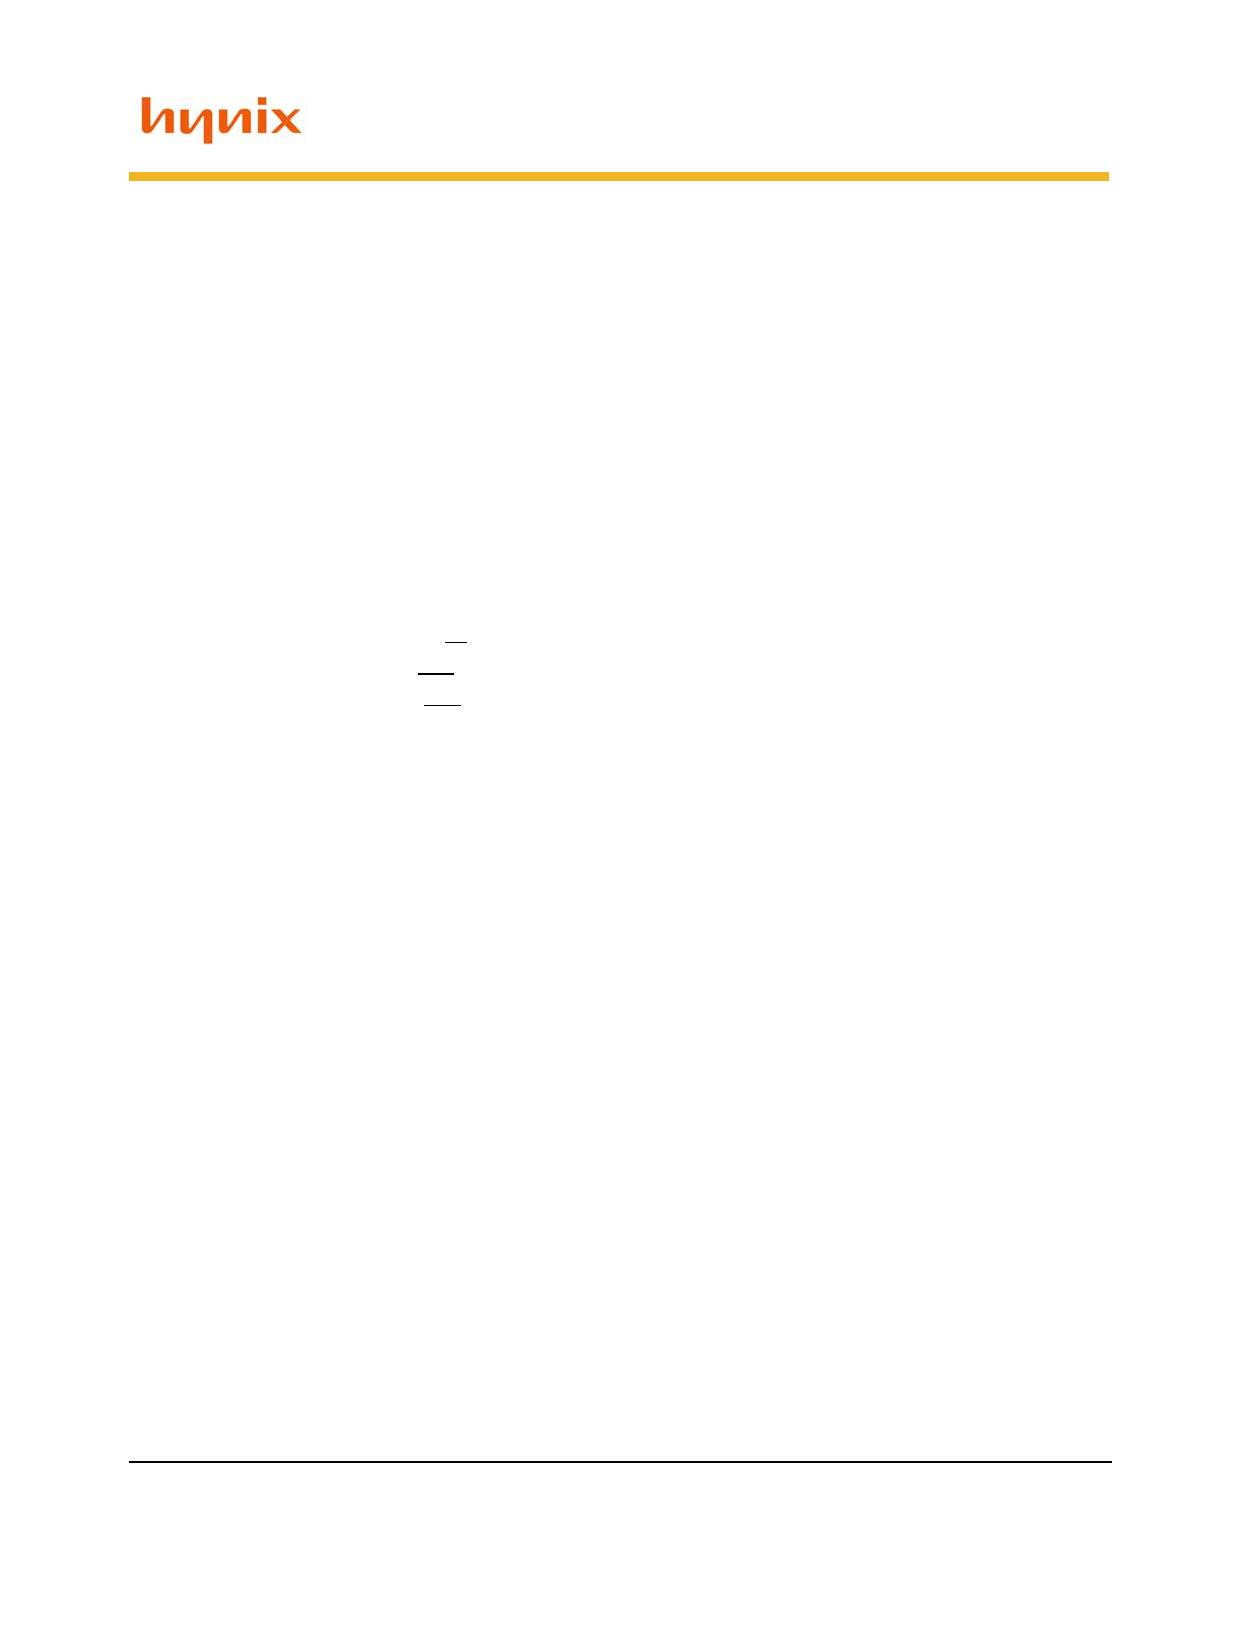 H5TQ4G63MFR-xxJ Даташит, Описание, Даташиты